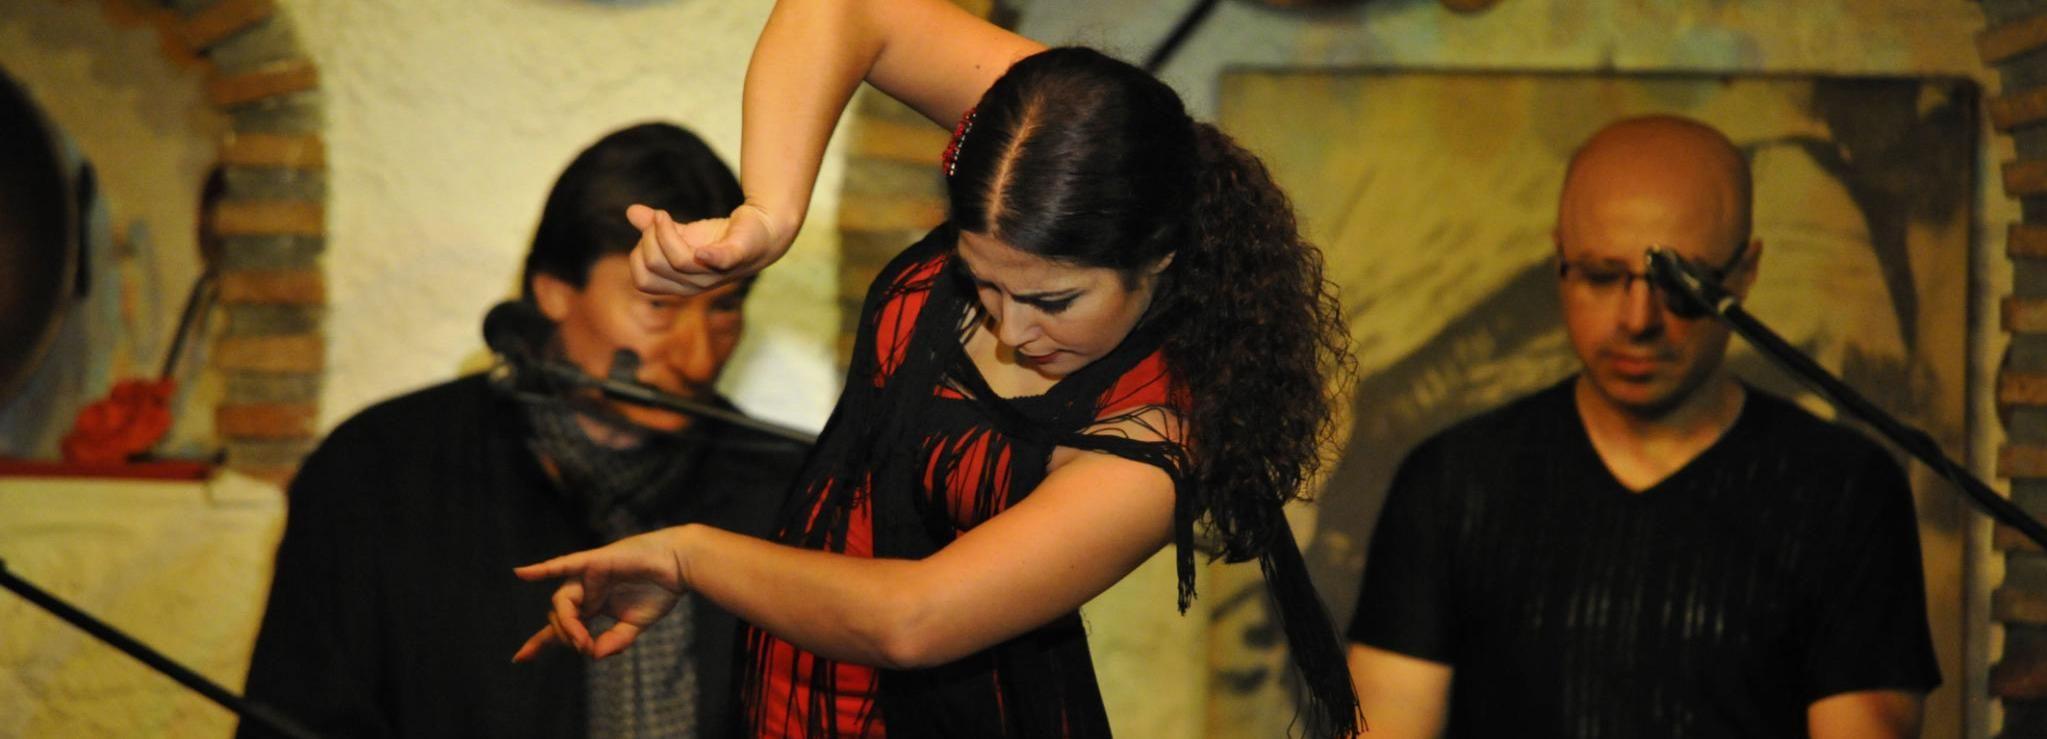 Granada: Führung durch die Alhambra & Flamenco-Show